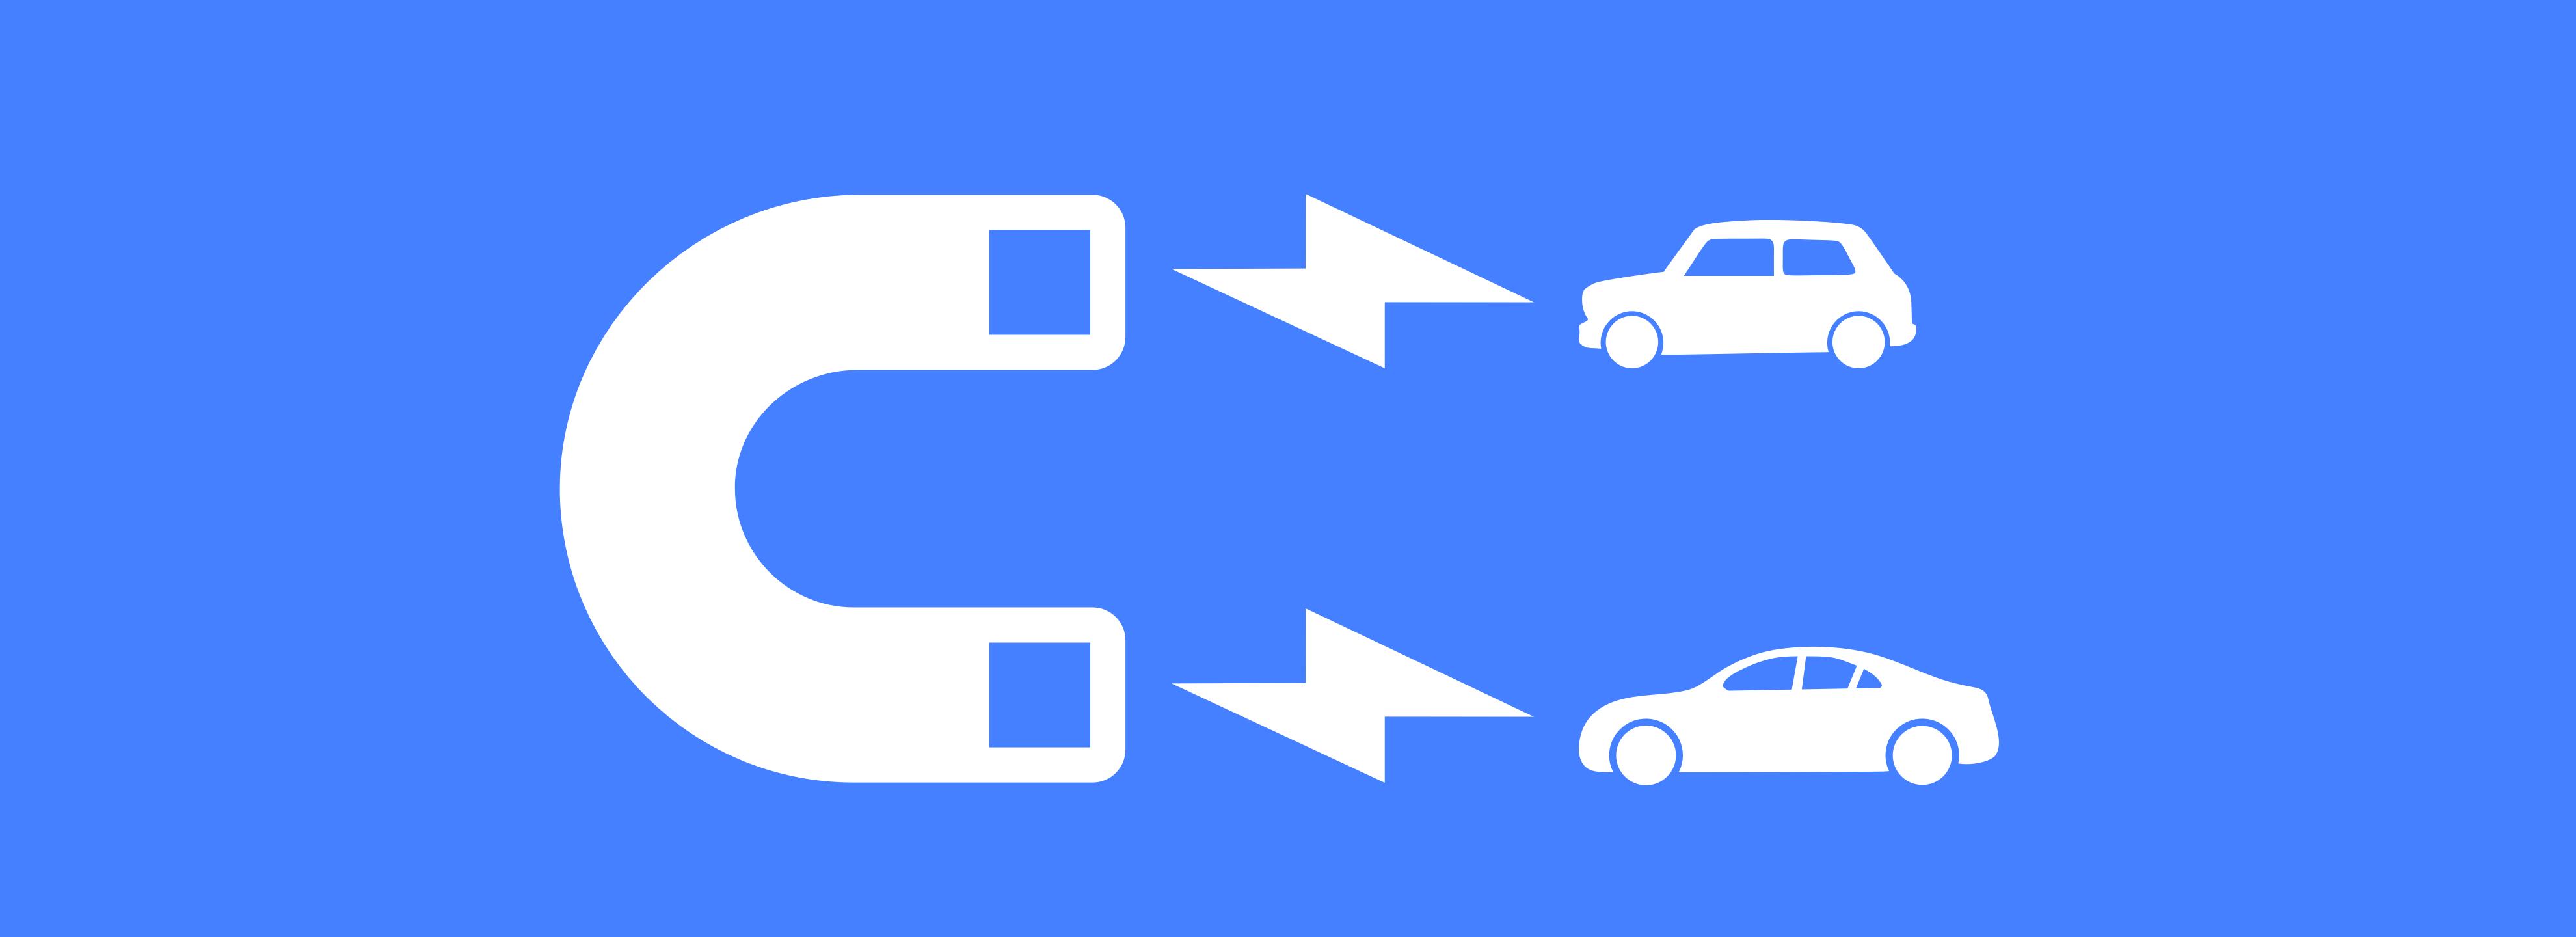 Разработка мобильных приложений для такси и каршеринга, фотография 1